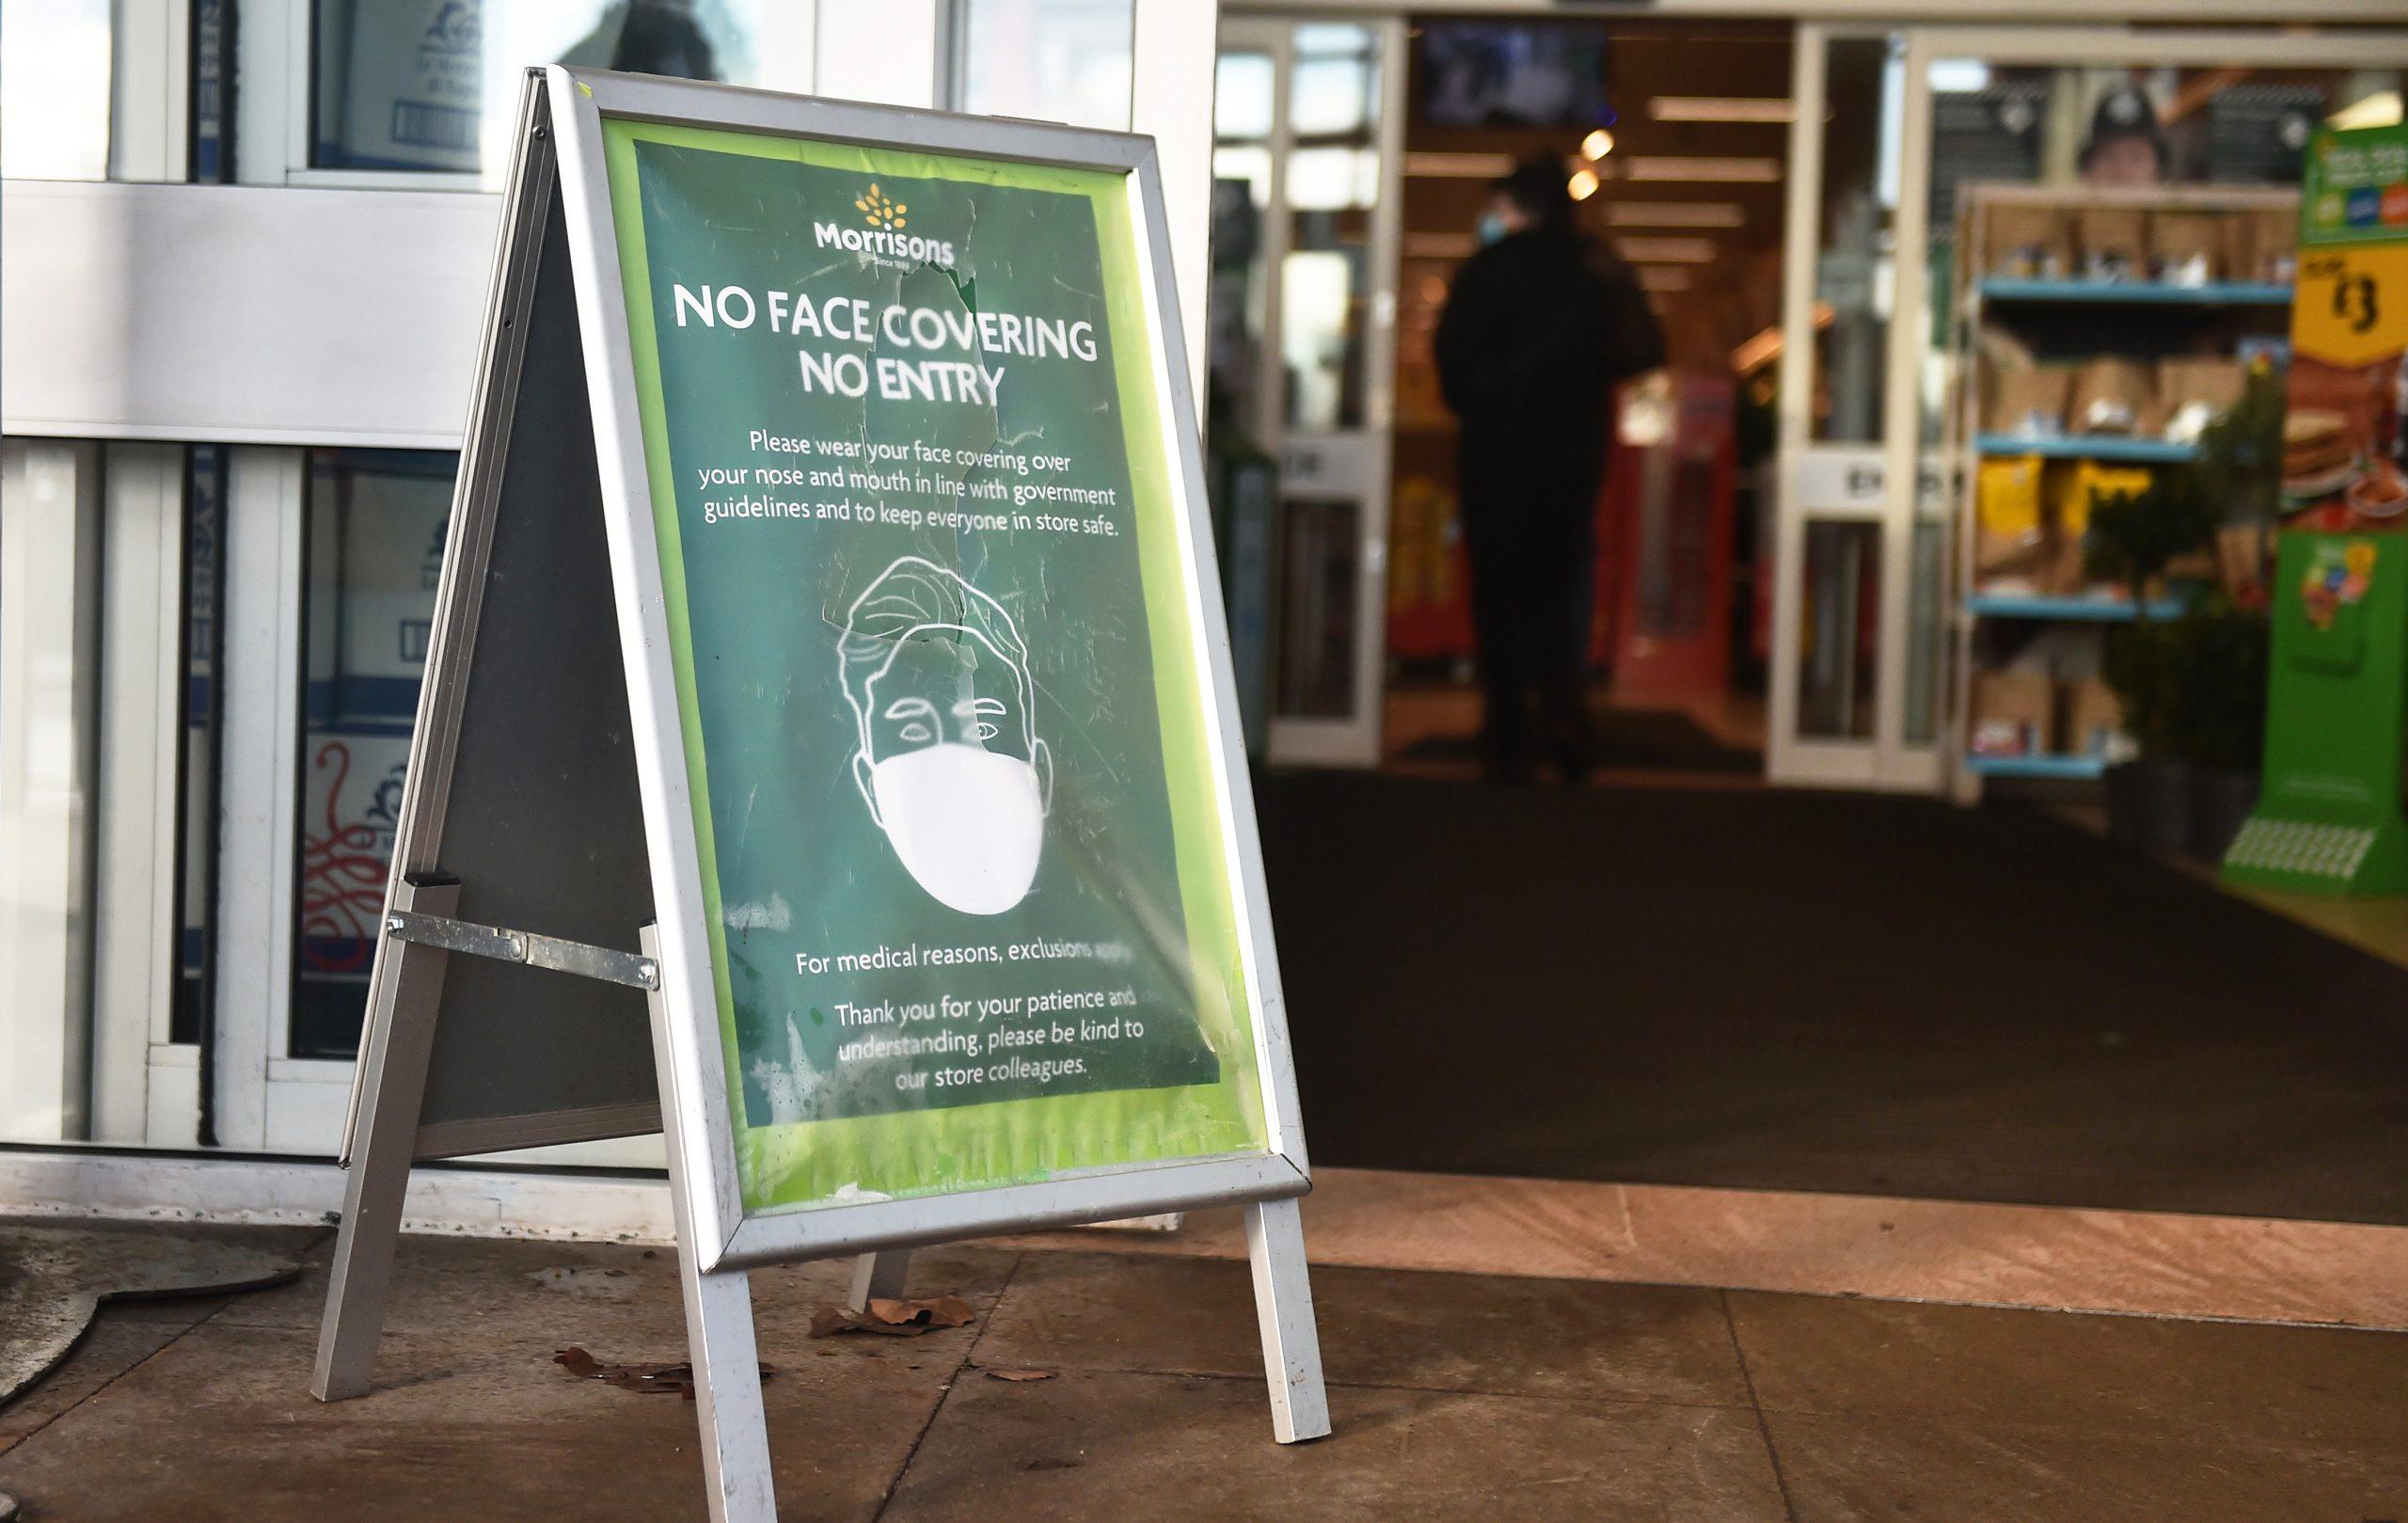 Un panneau indiquant le port d'un masque facial devant le supermarché Morrisons